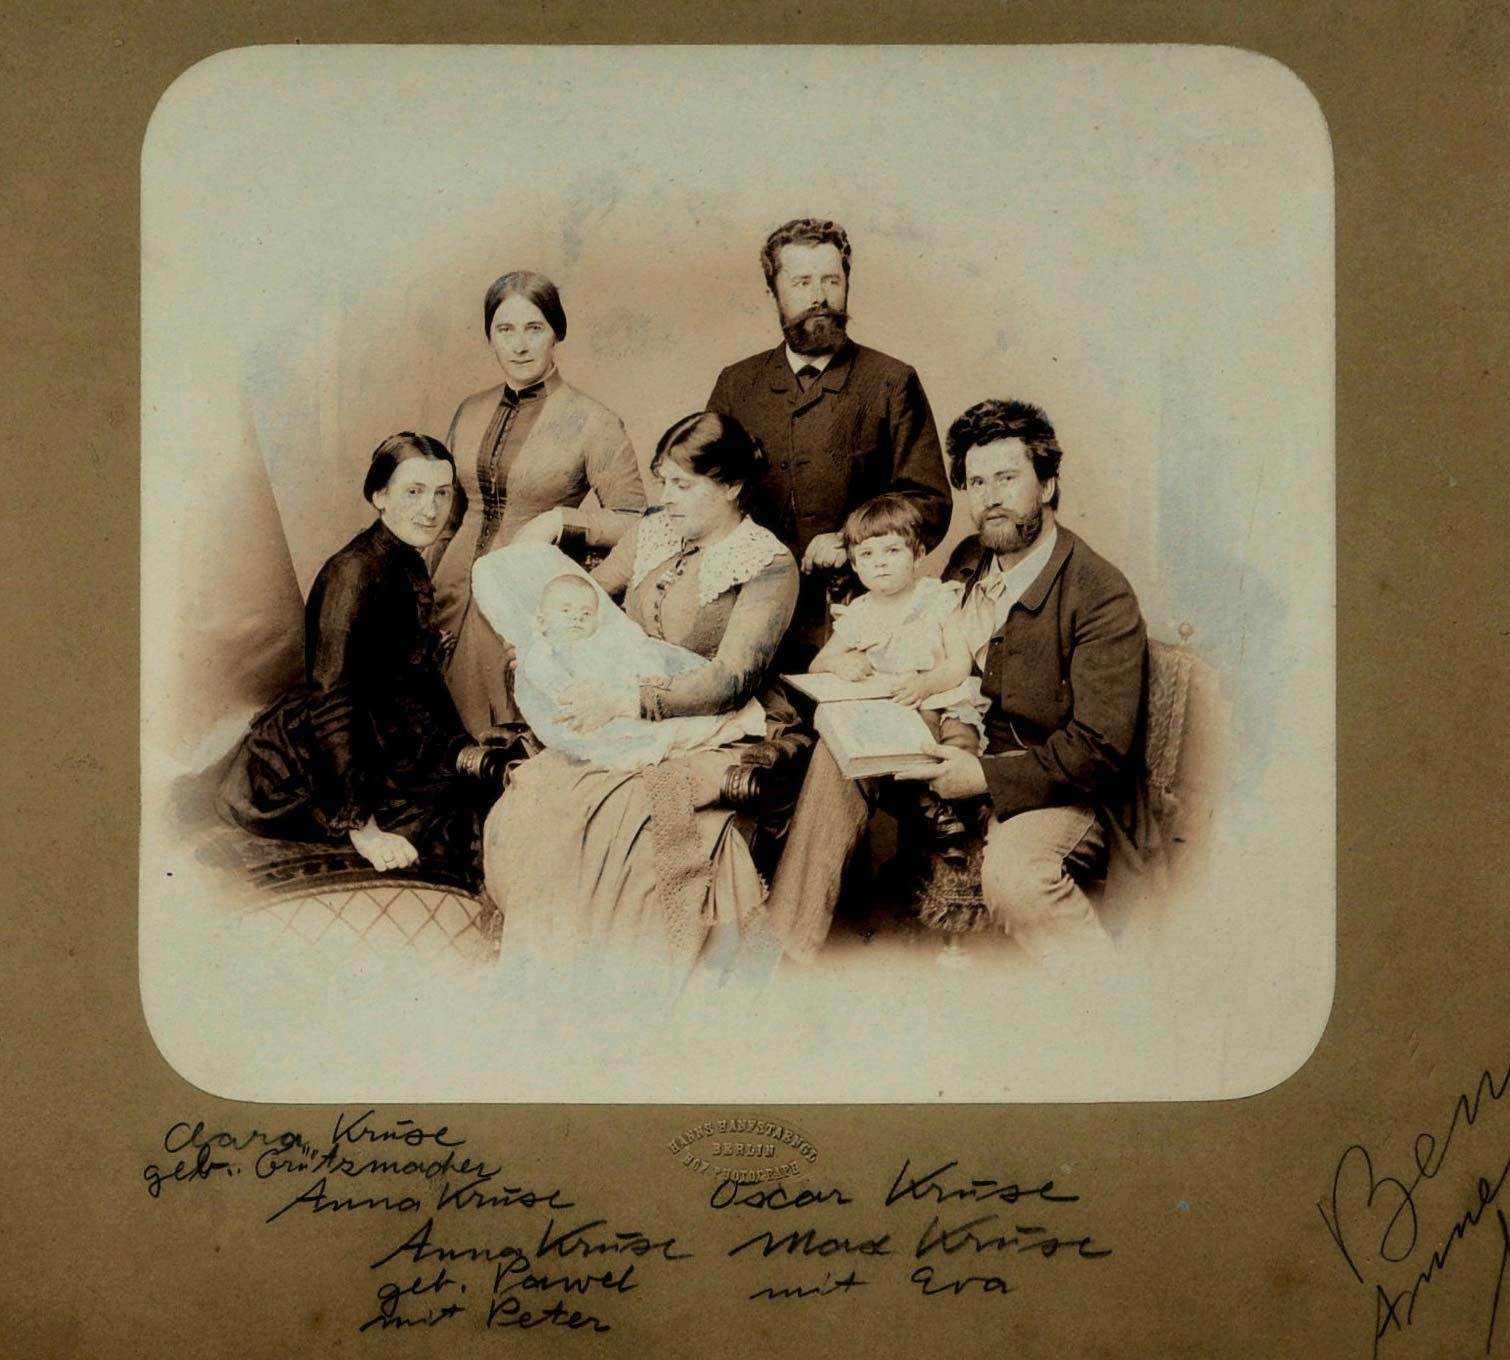 Gruppenaufnahme der Geschwister Anna (2. v.l.), Ocar (4. v.l.) und Max Kruse (r.) im Familienkreis (undatiert, um 1895)